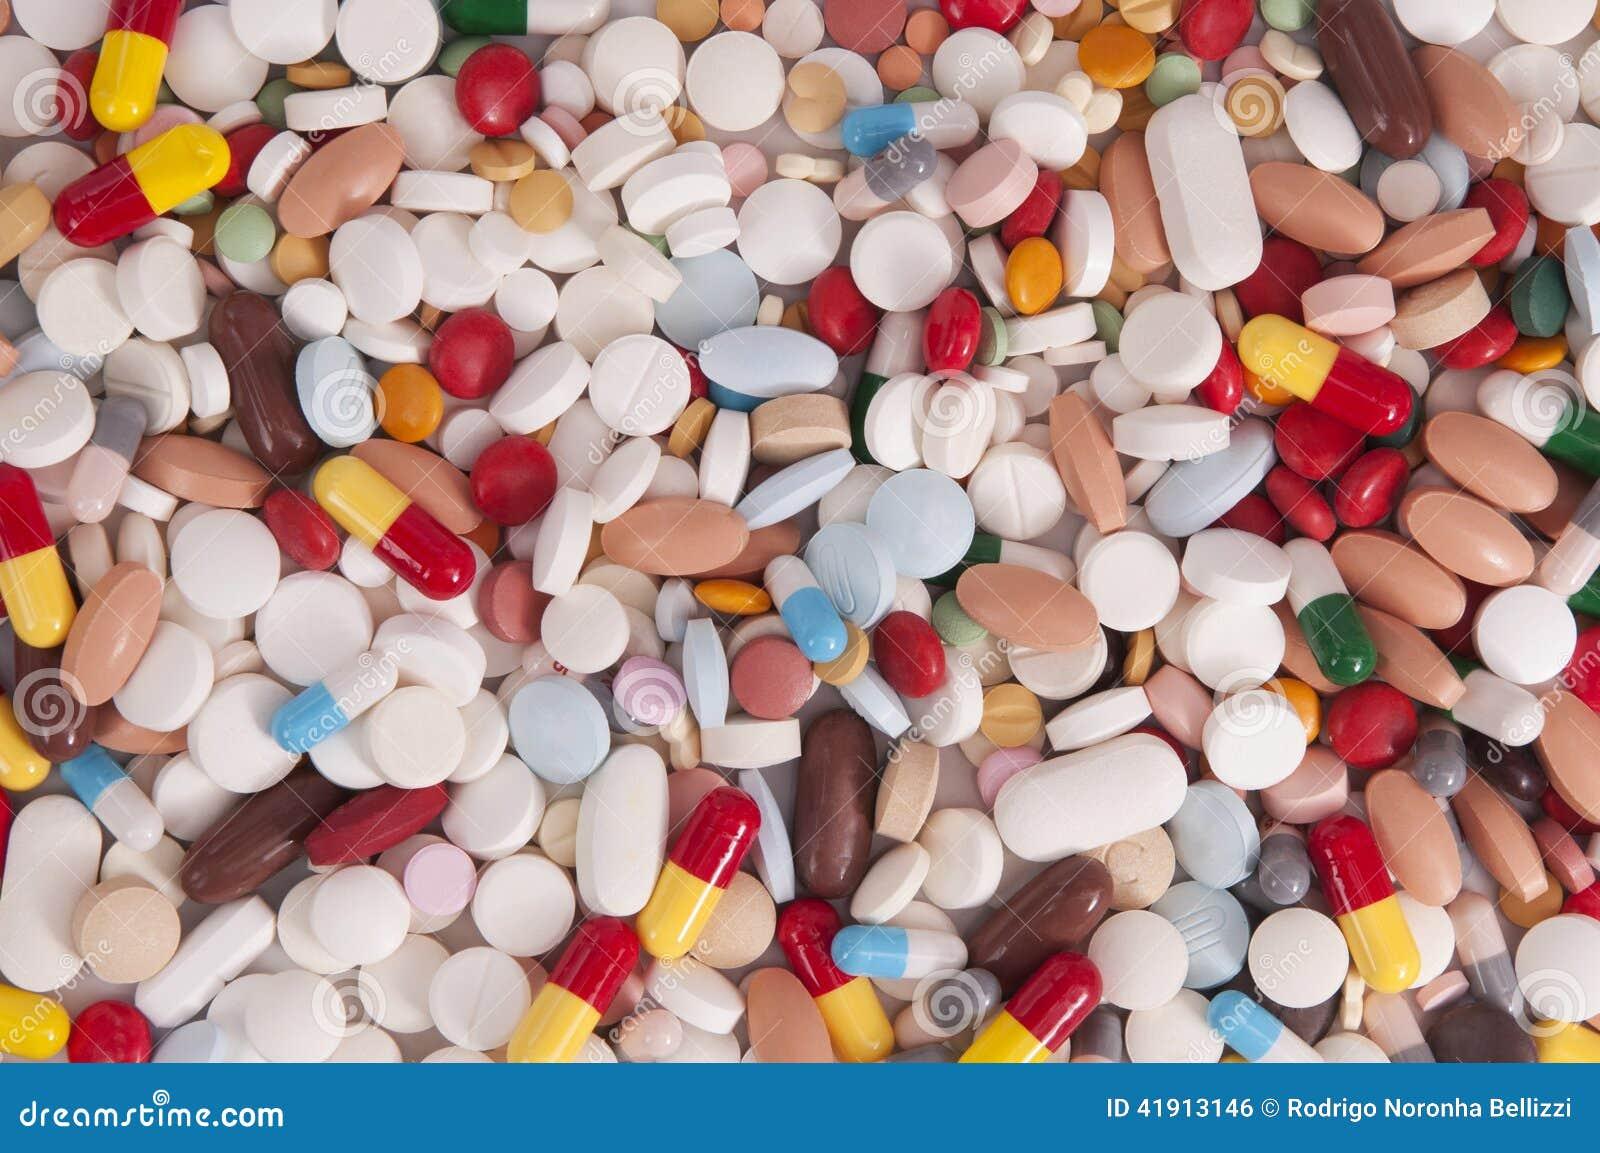 Capsules pills